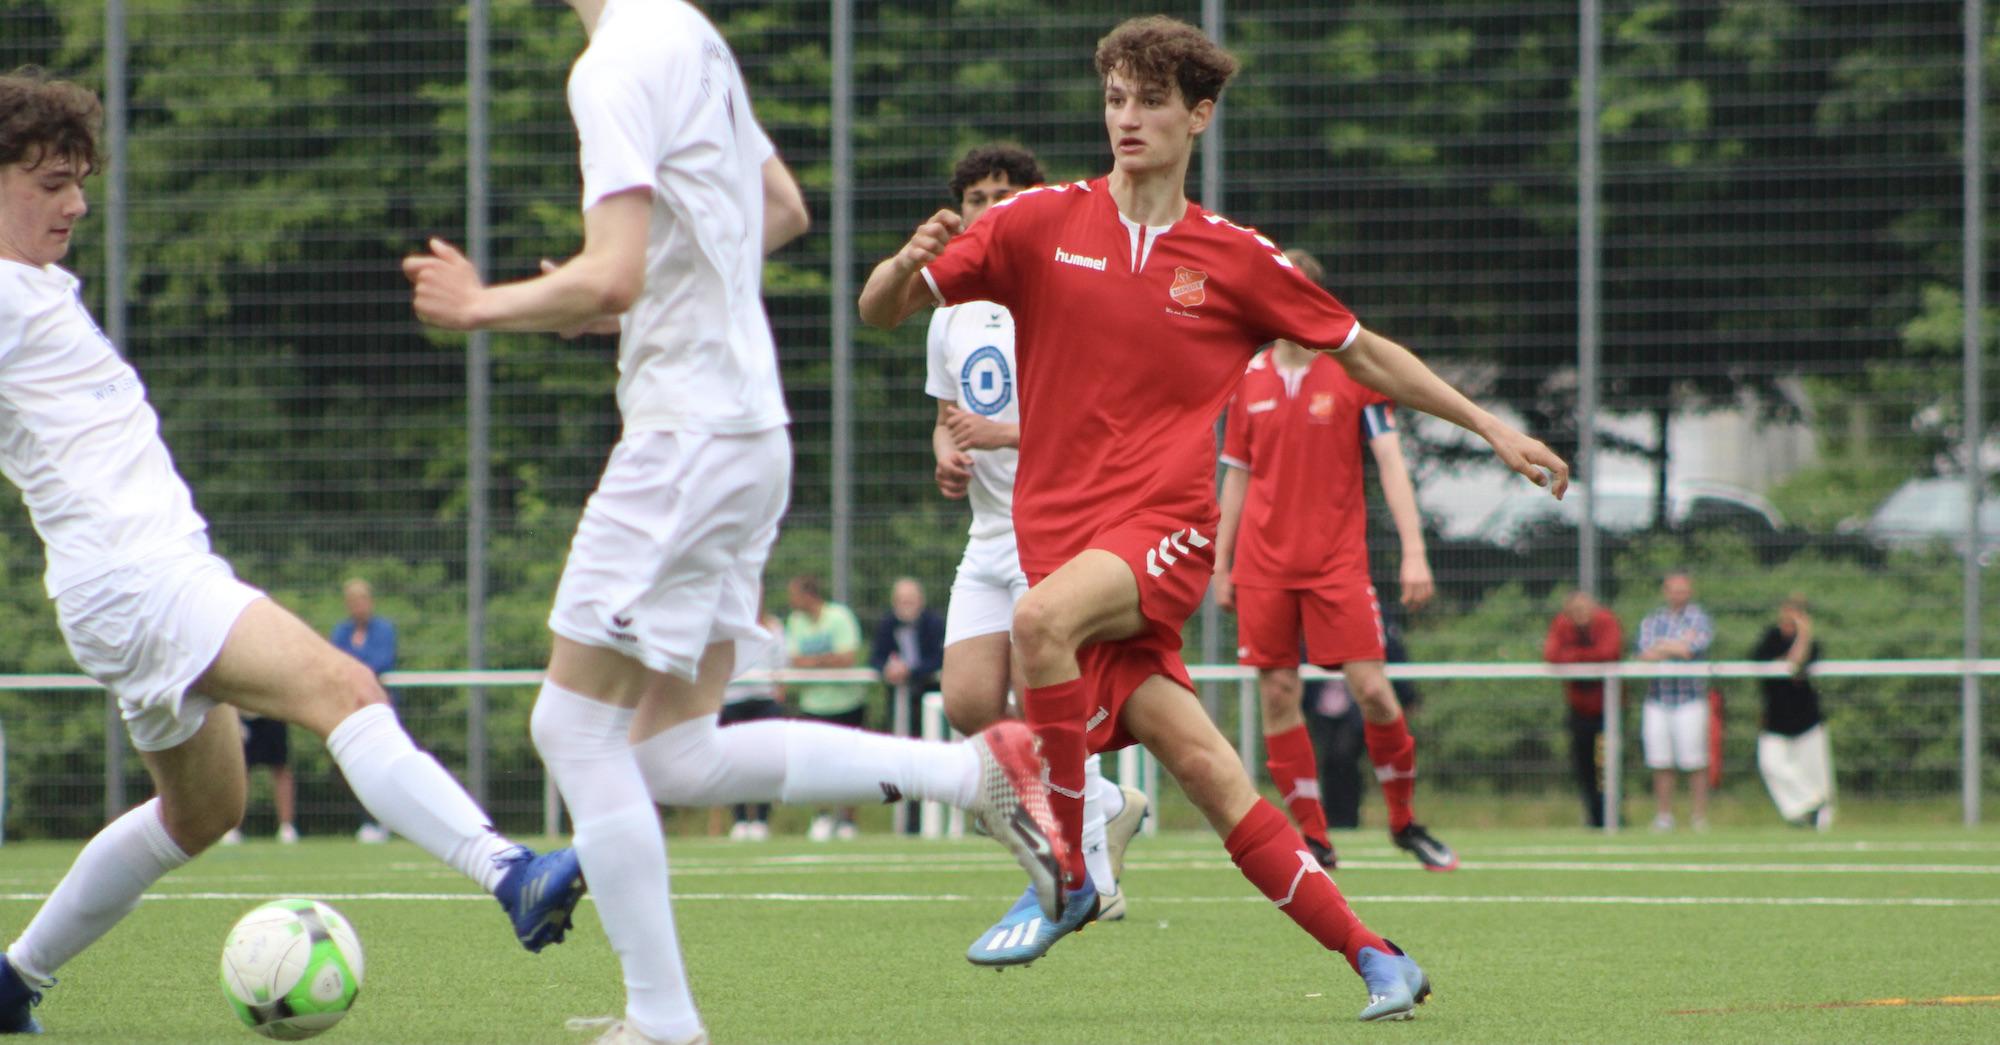 U19 und U14 starten mit Siegen in die Vorbereitung